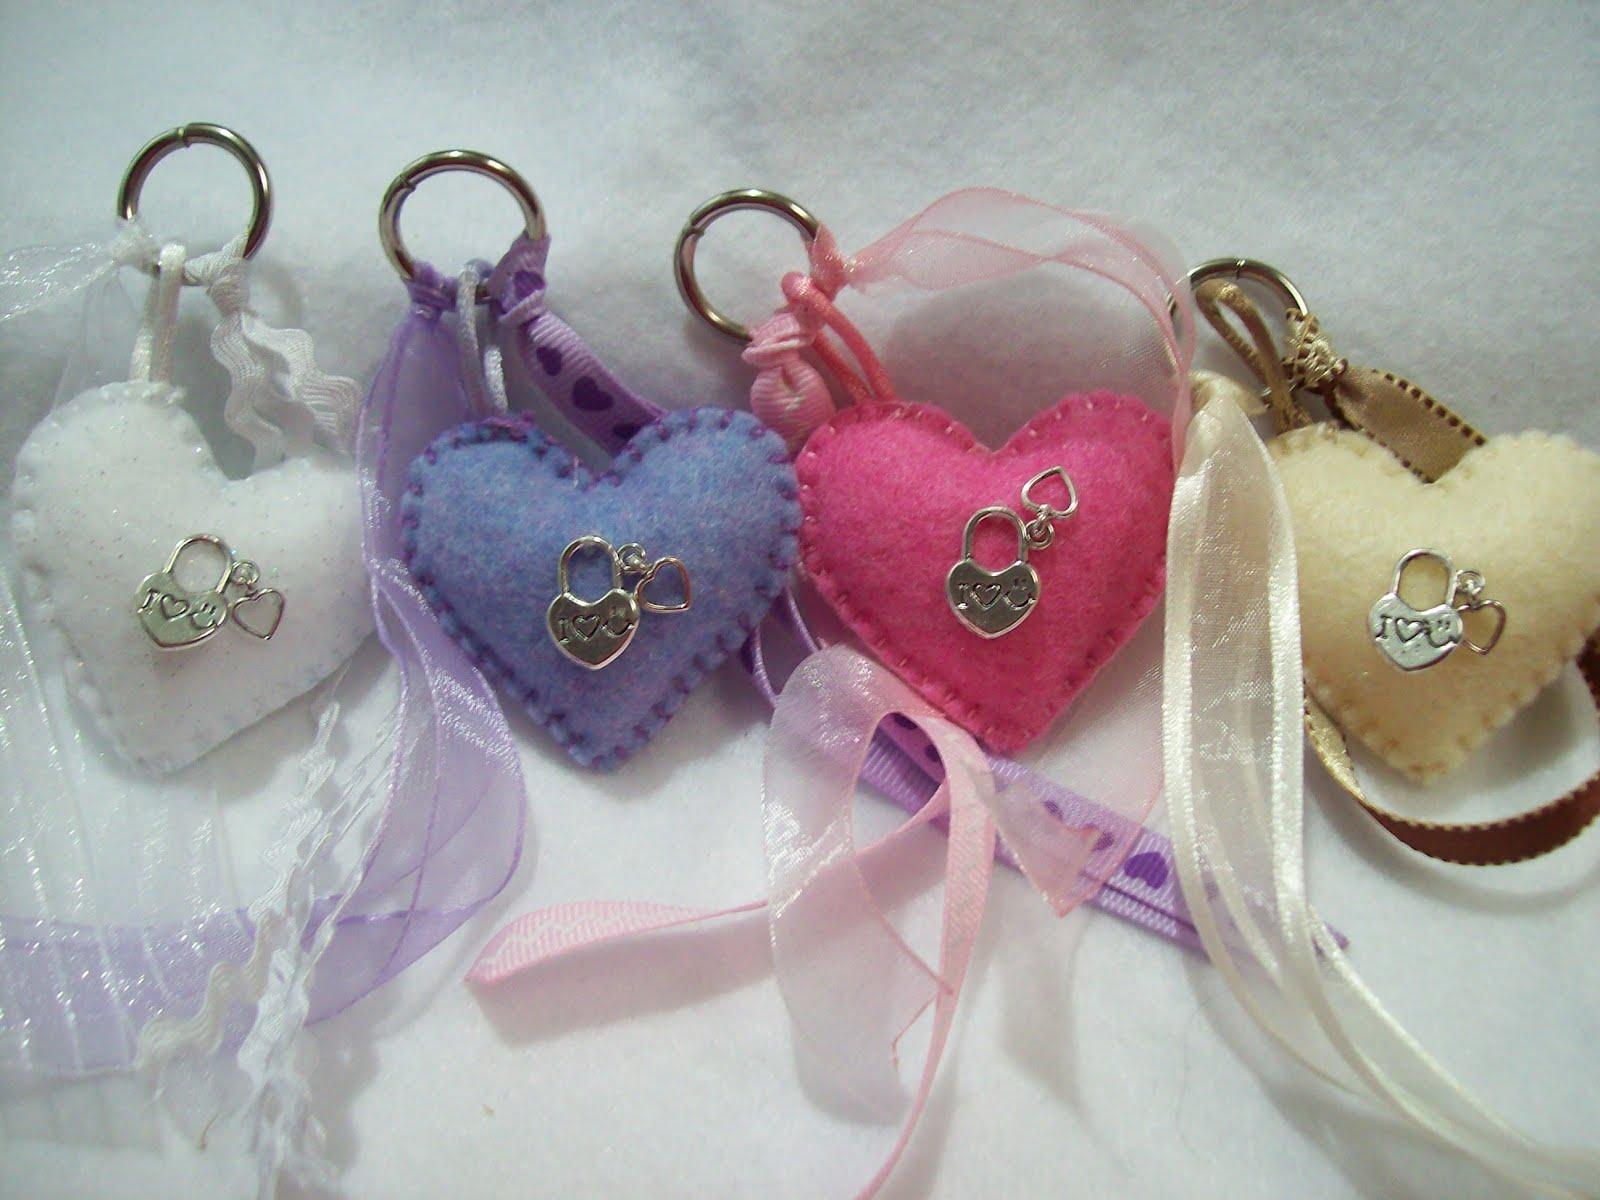 Shexeldetallitos blog de manualidades llaveros de corazon - Blog de manualidades y decoracion ...